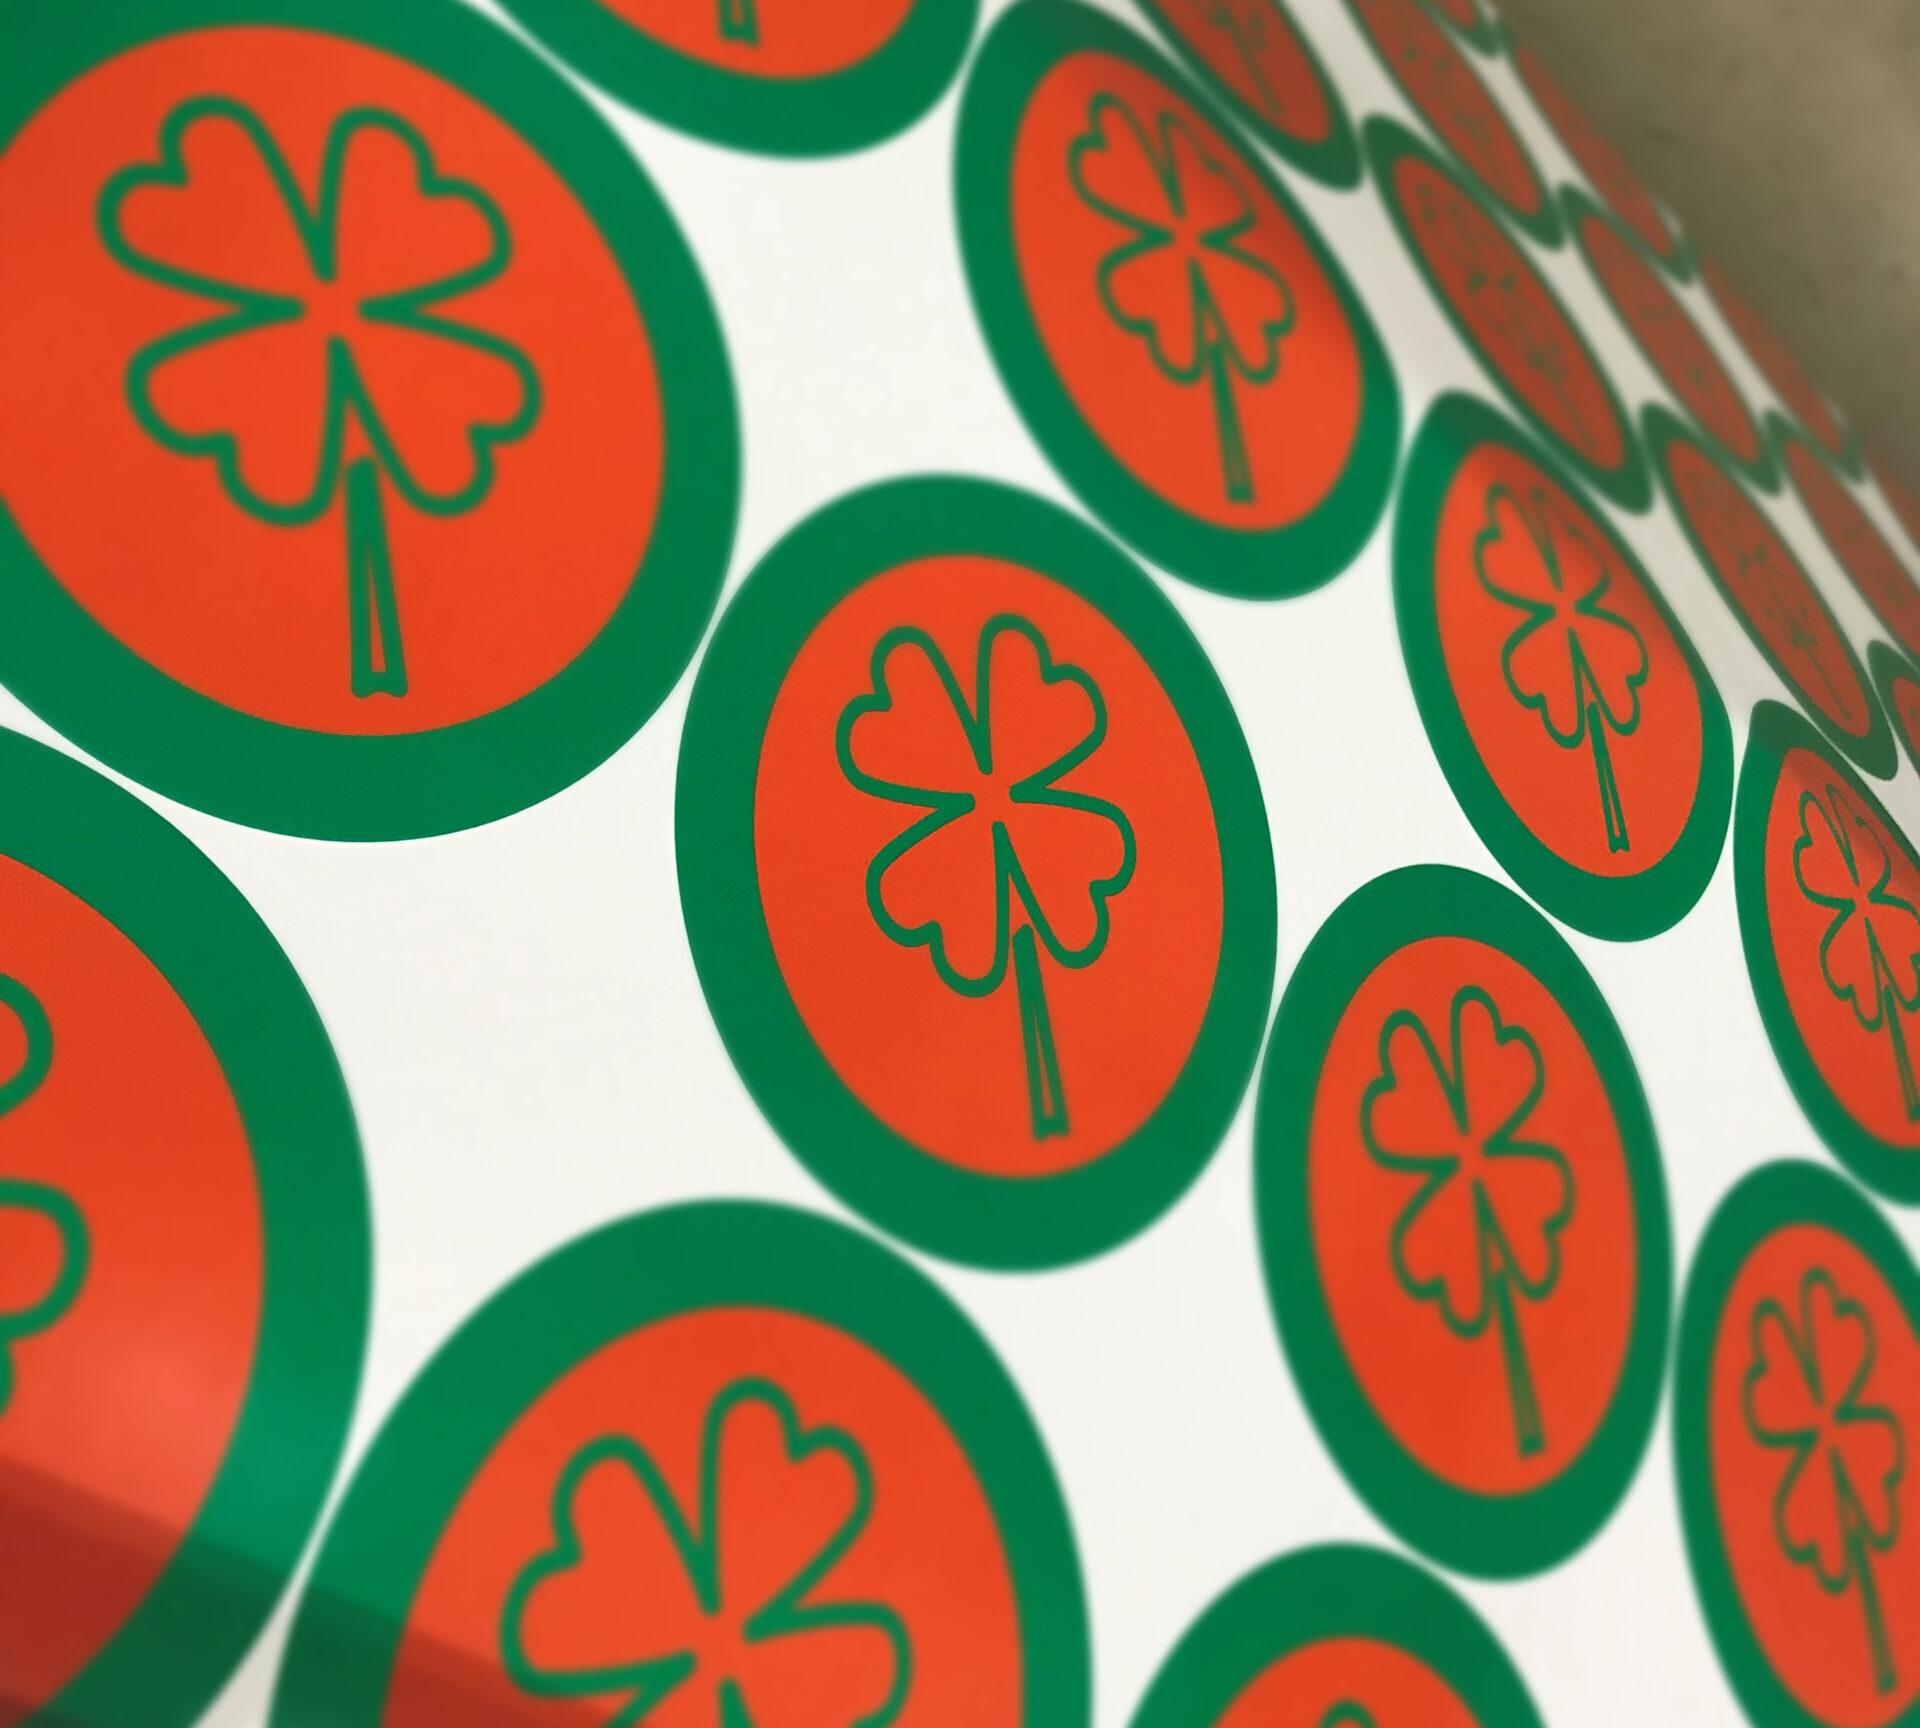 Covid-19 Corona sticker